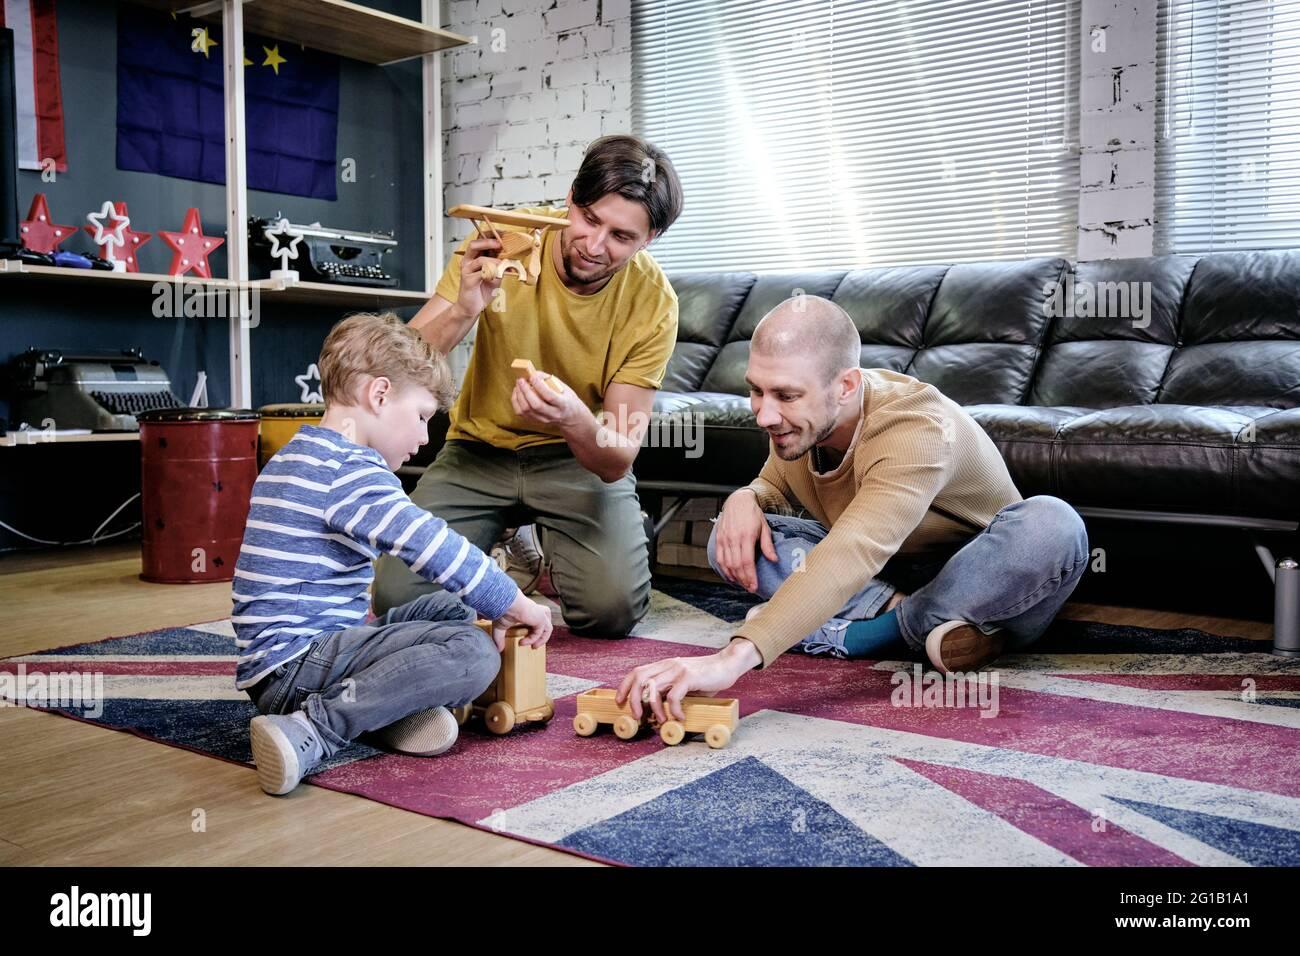 Dos hombres jóvenes y un niño pequeño jugando en el piso de la sala de estar Foto de stock